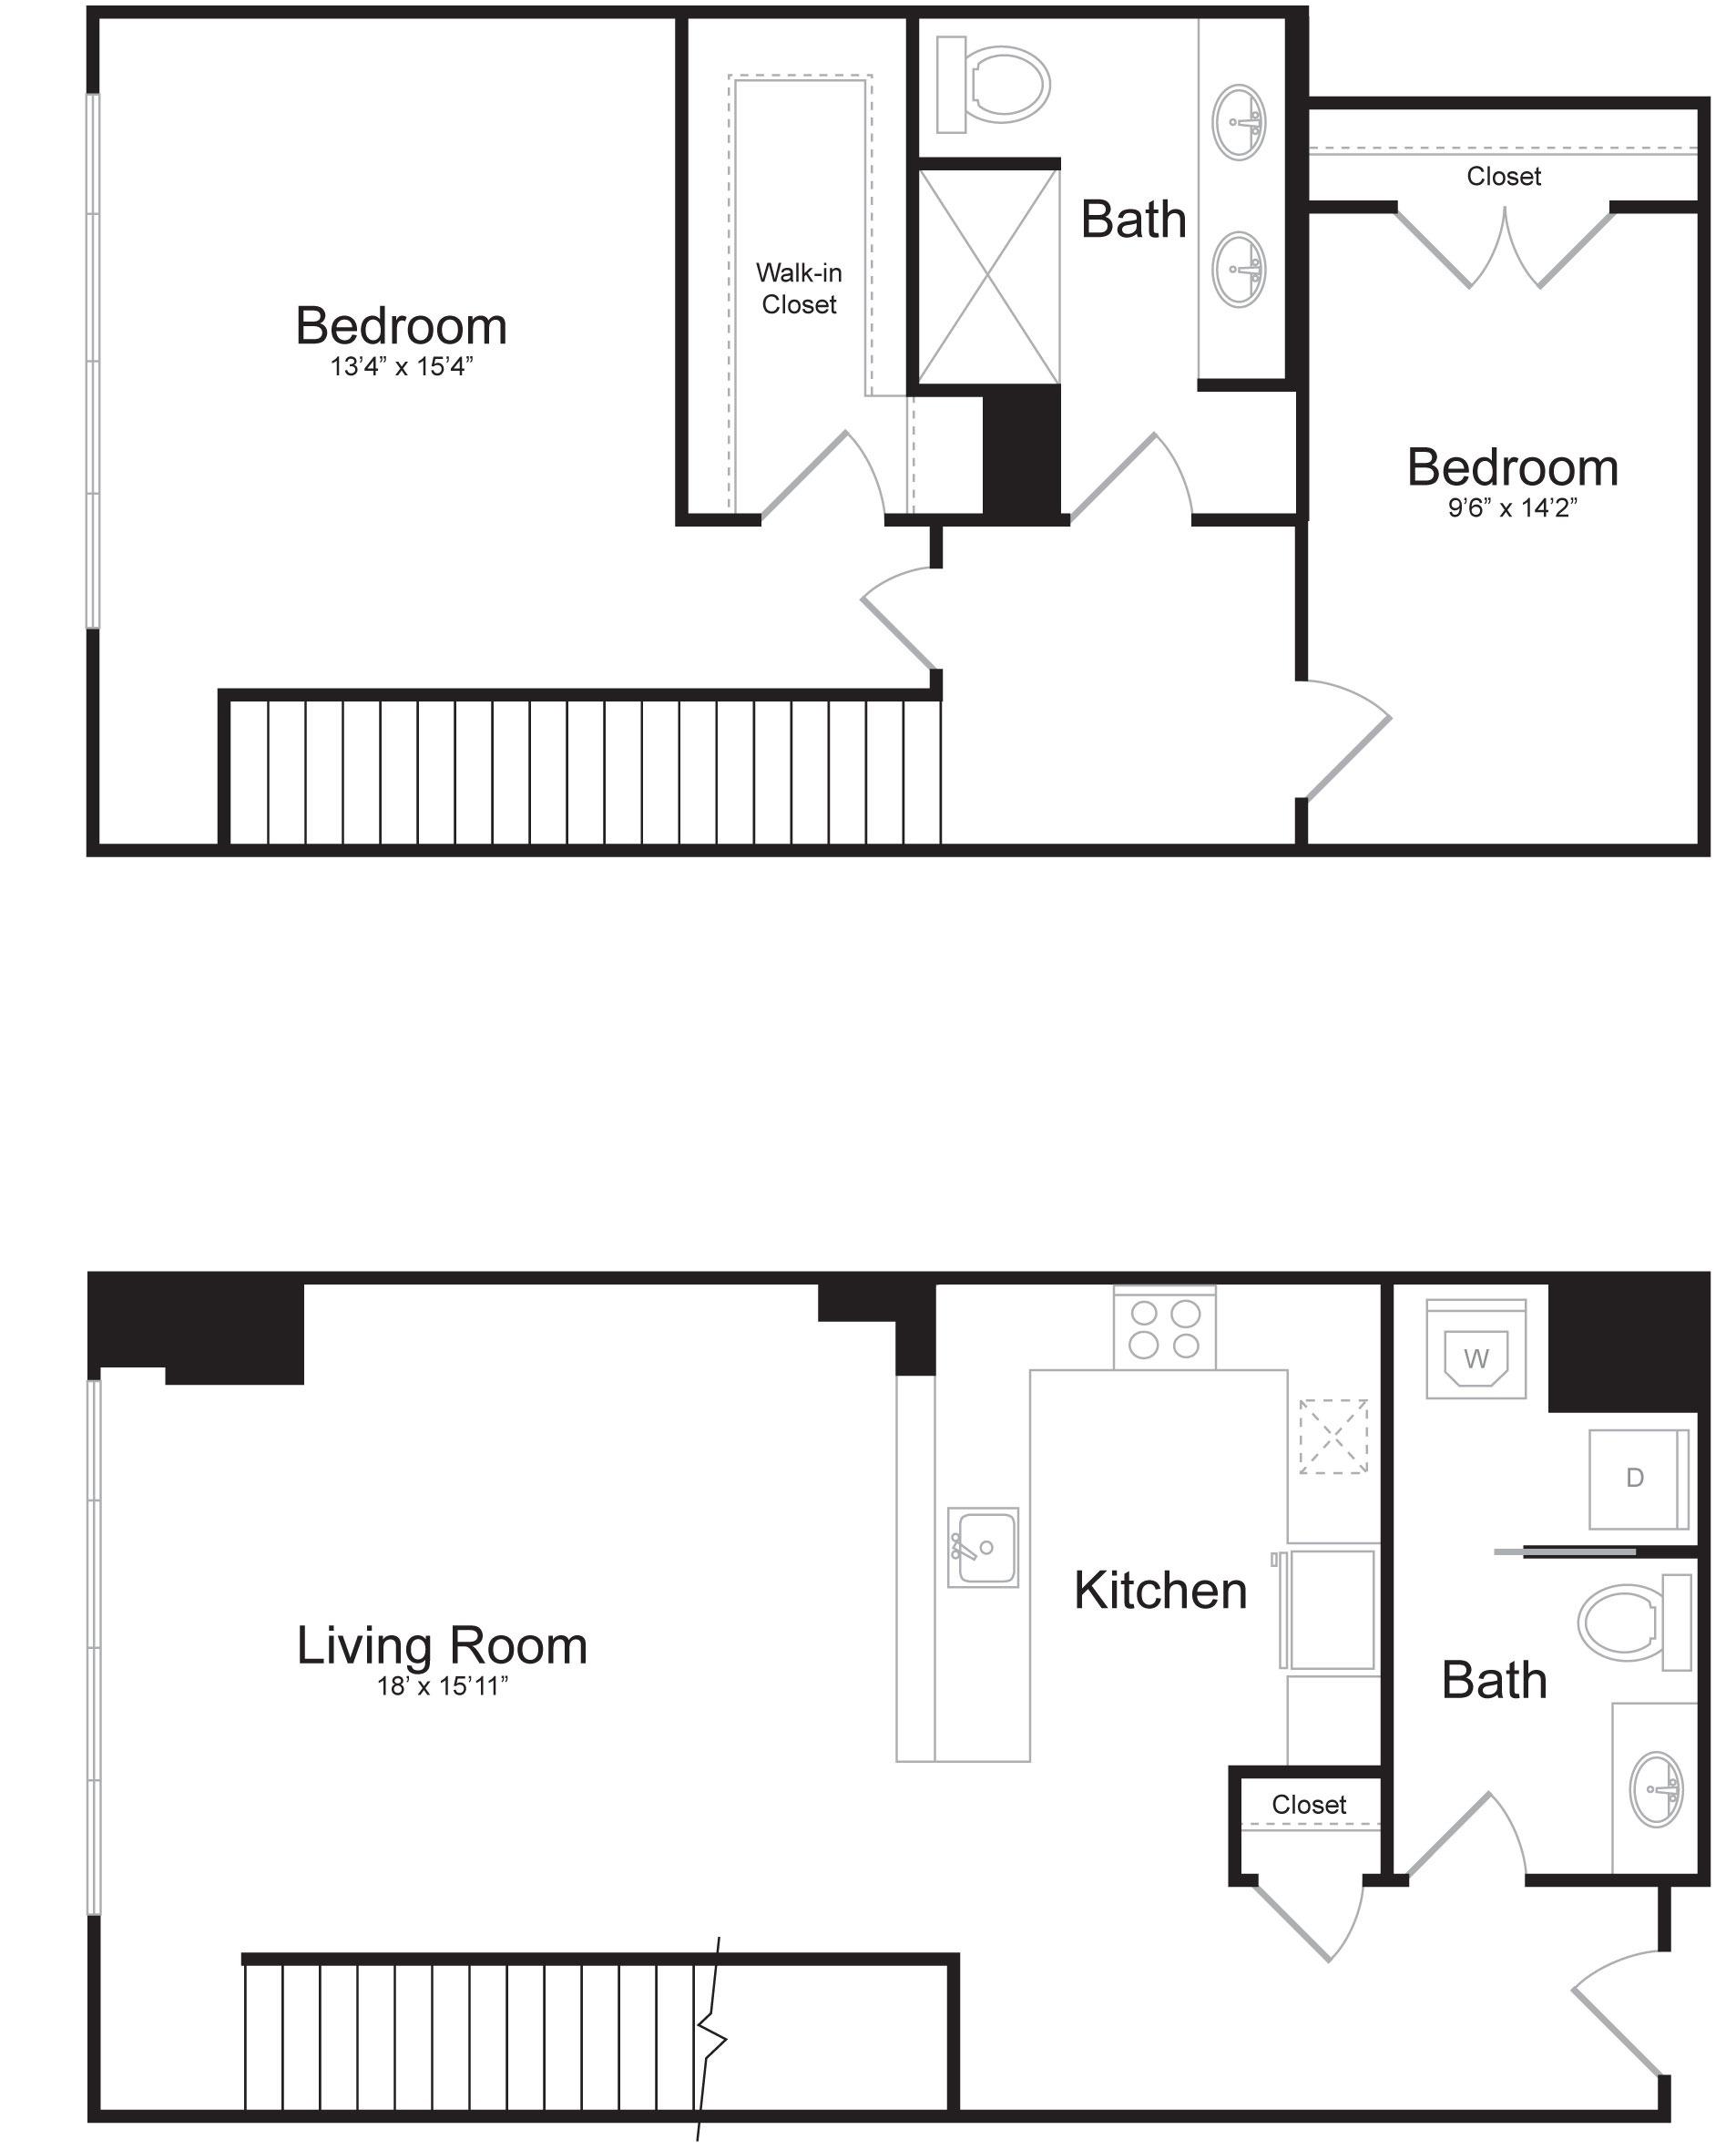 Duplex B1 - 2 Bed 2 Bath - 1,527 SF